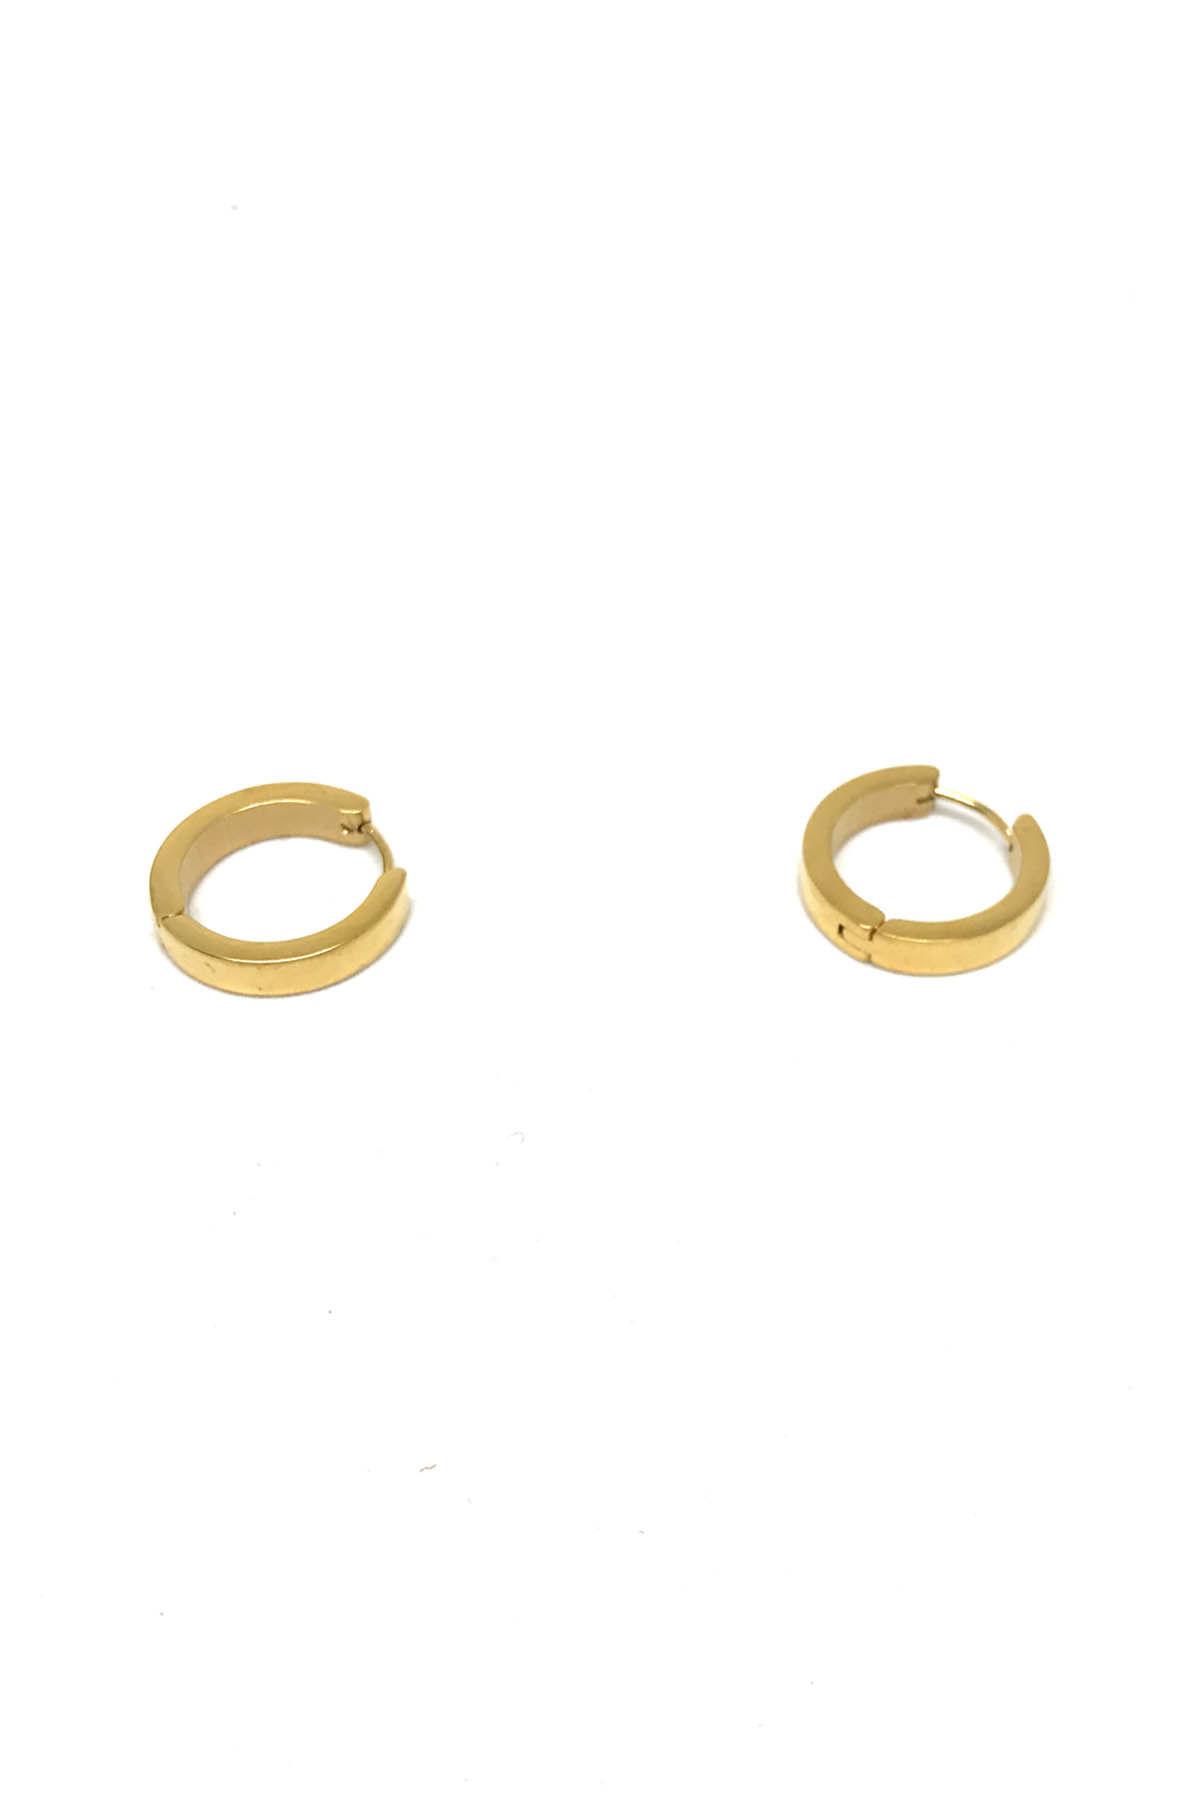 Stainless Steel Gold Hoop Earrings Big